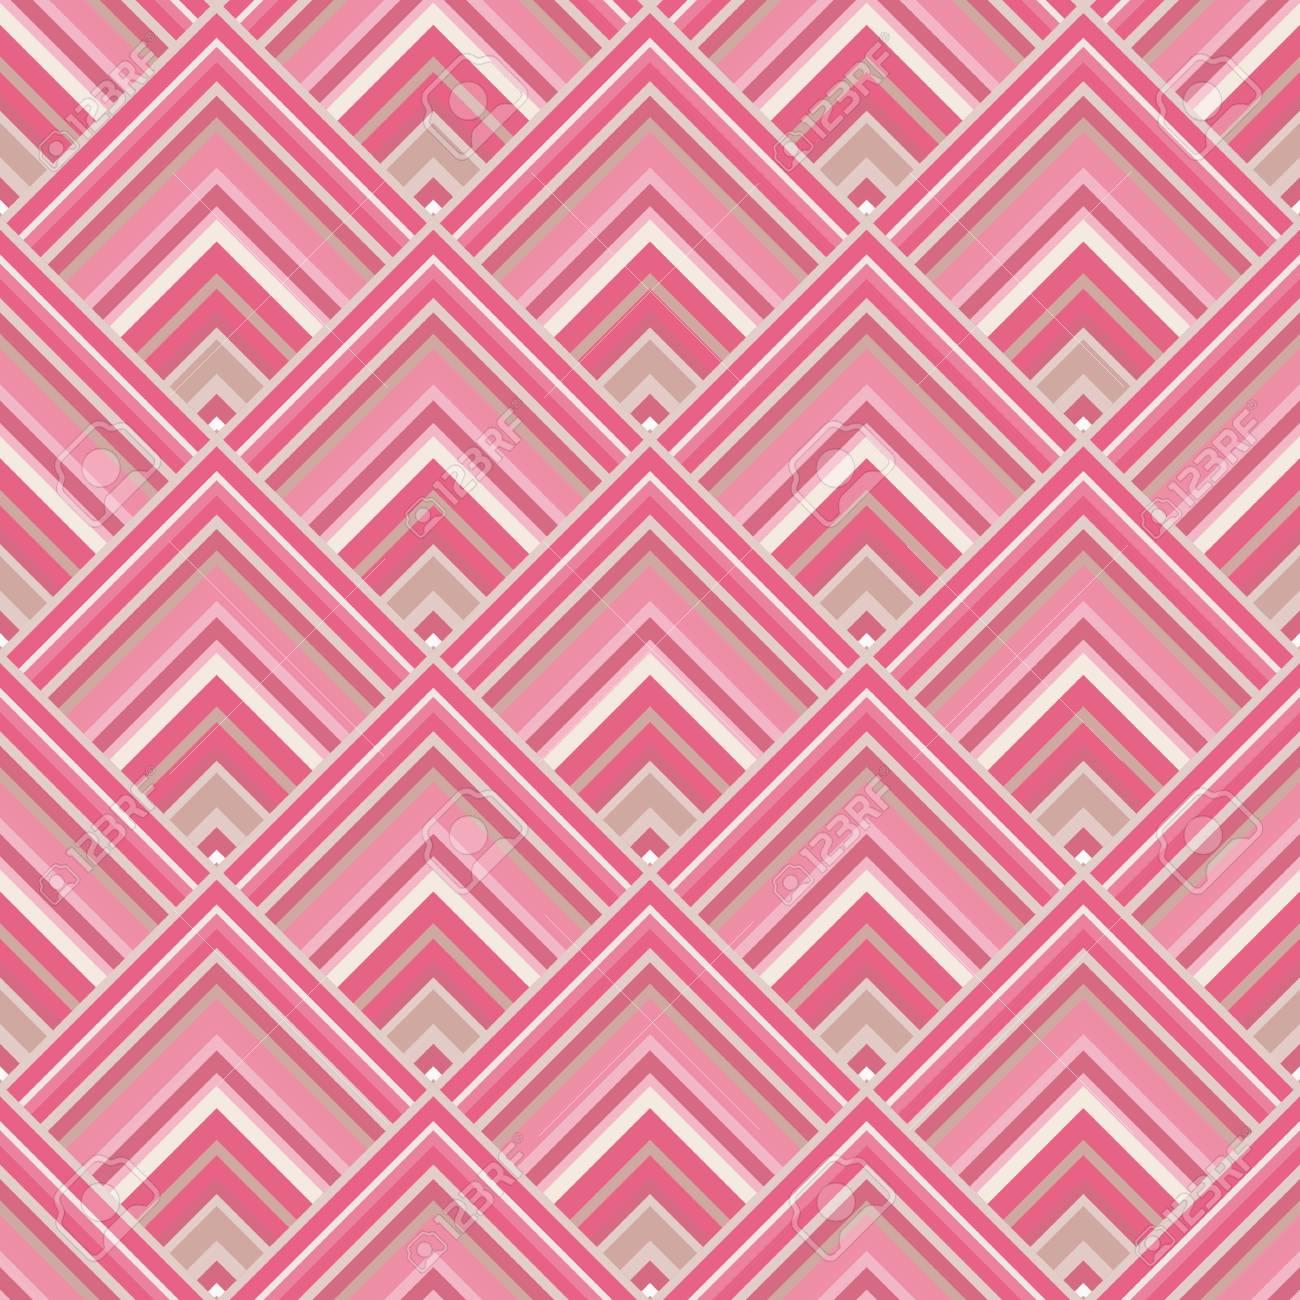 Seamless Pattern Sfondo Geometrico Con Rombi In Toni Rosa E Grigio Illustrazione Di Vettore